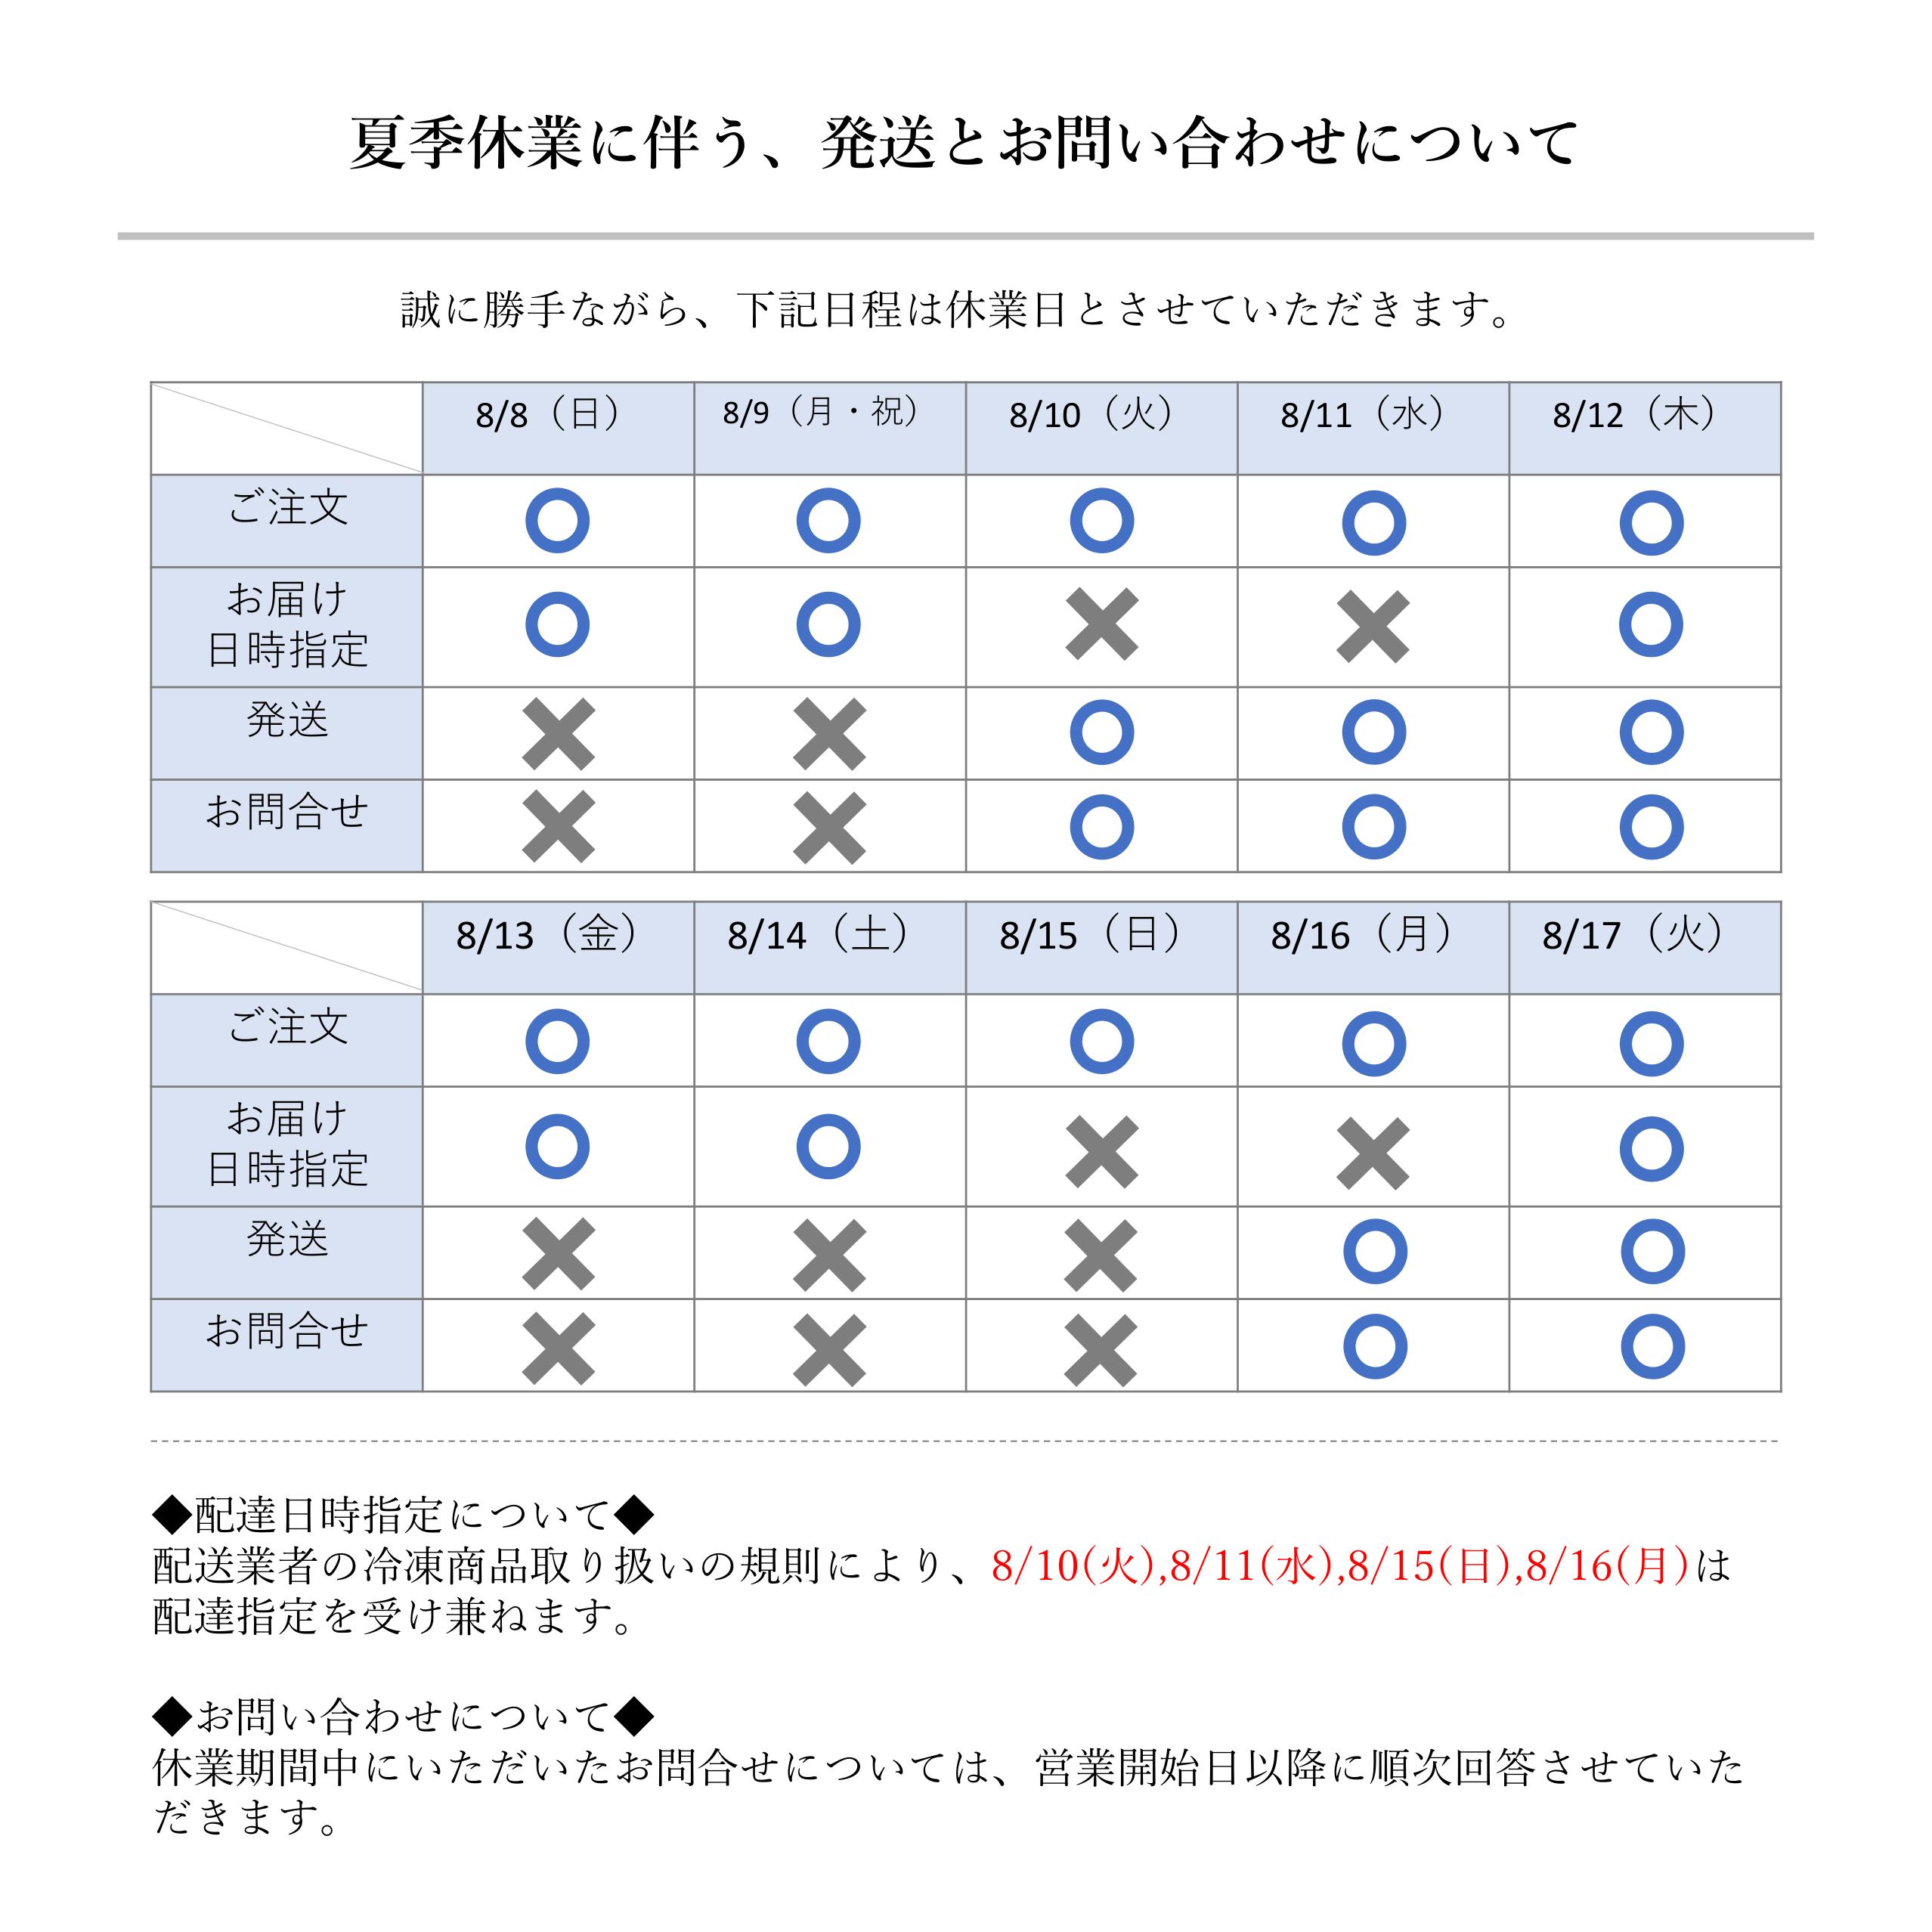 【夏季休業】発送業務のお知らせ